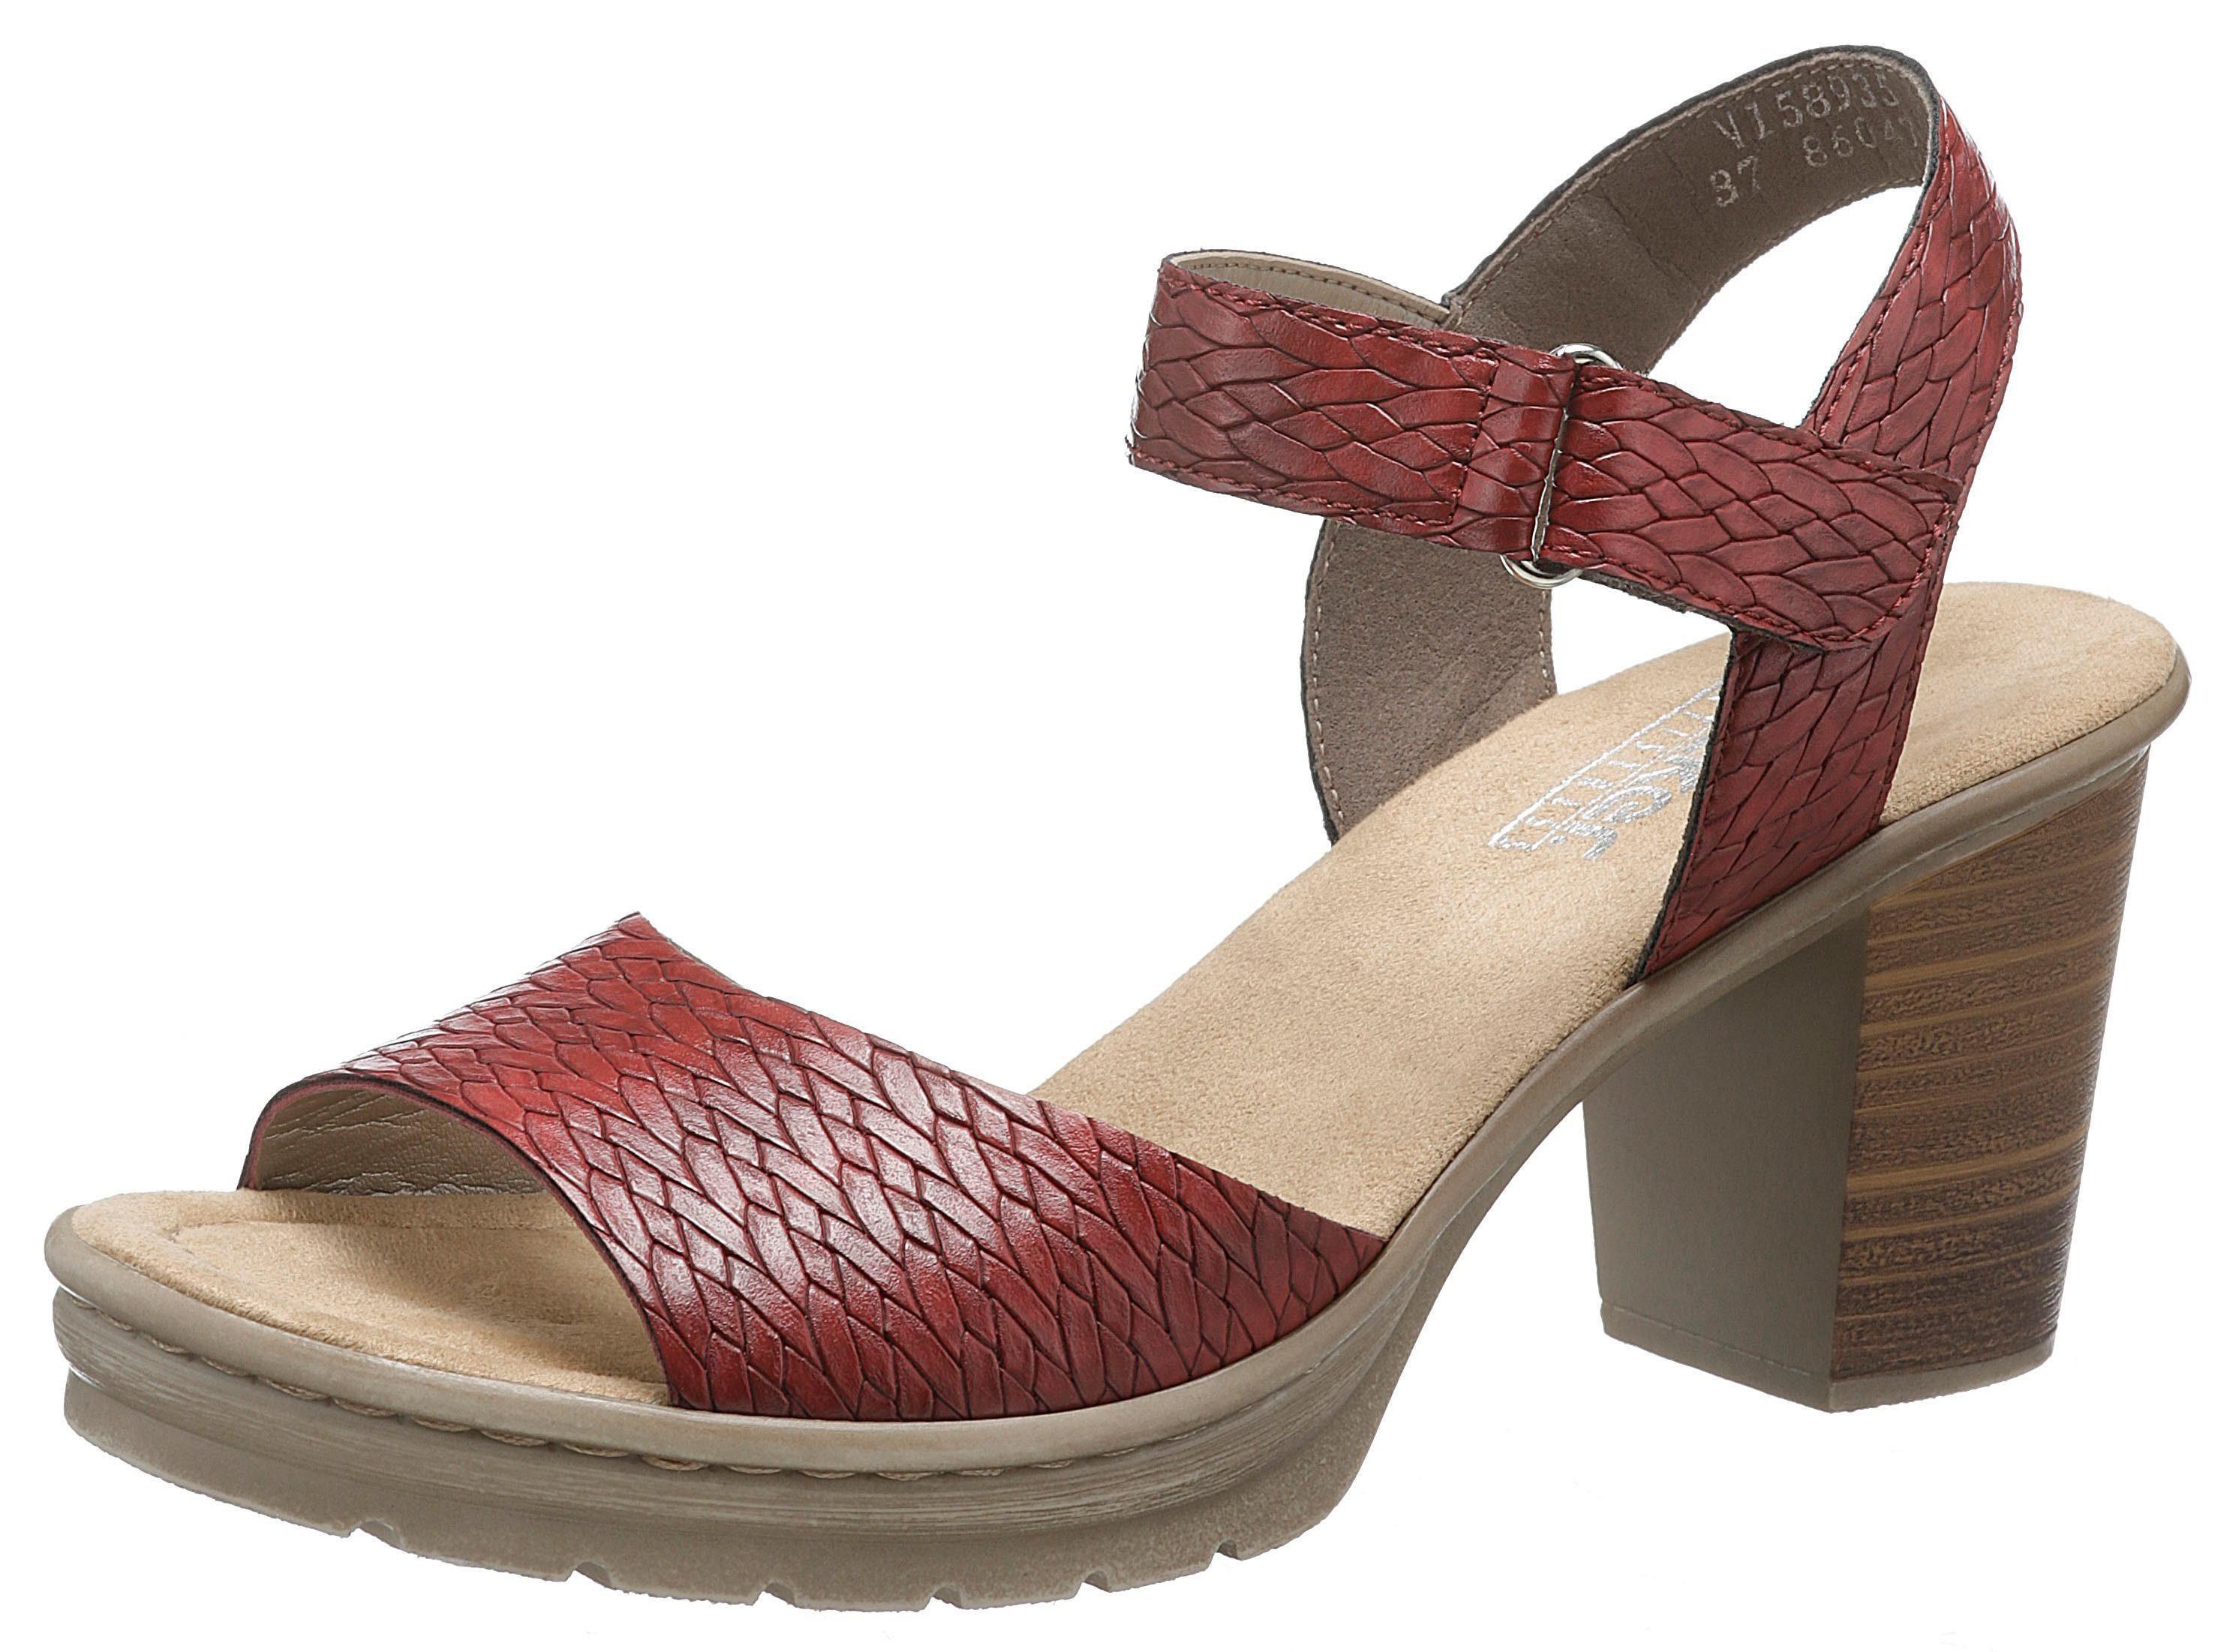 Rieker Sandalette mit praktischem Klettverschluss | OTTO